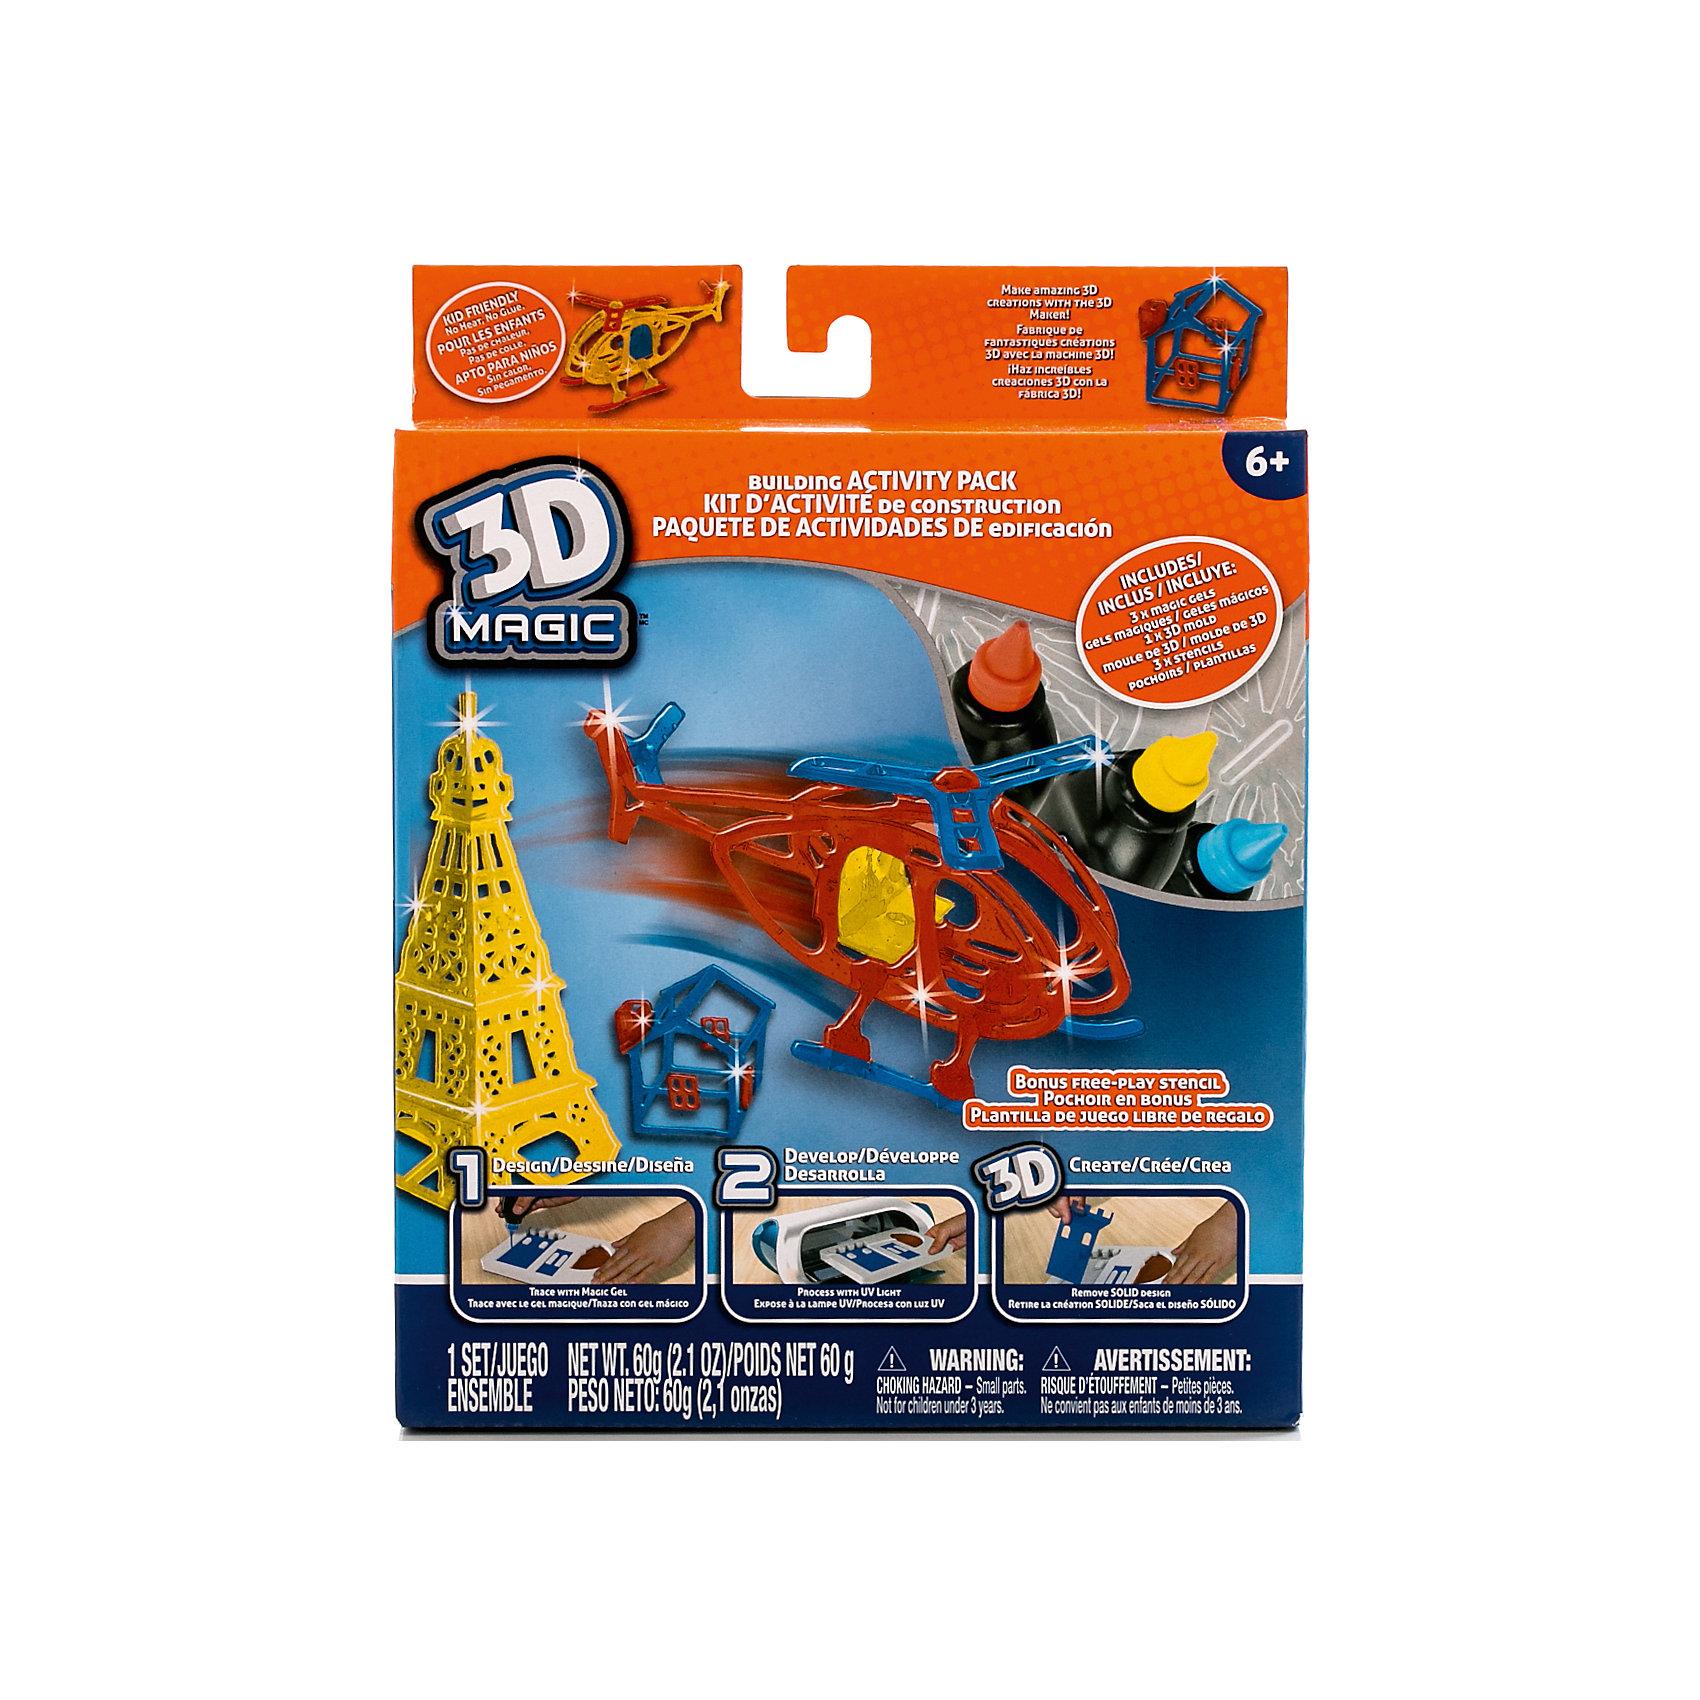 Большой набор 3D Magic для мальчиков3 x тюбика со специальным 3D гелем, 1 x трафарет вертолёта, 1 x 3D формочка дома, 1 x 3D формочка Эйфелевой башни, 1 x дополнительный пустой трафарет для свободной игры, 1 x Инструкция<br><br>Ширина мм: 180<br>Глубина мм: 230<br>Высота мм: 50<br>Вес г: 258<br>Возраст от месяцев: 72<br>Возраст до месяцев: 120<br>Пол: Мужской<br>Возраст: Детский<br>SKU: 5230675